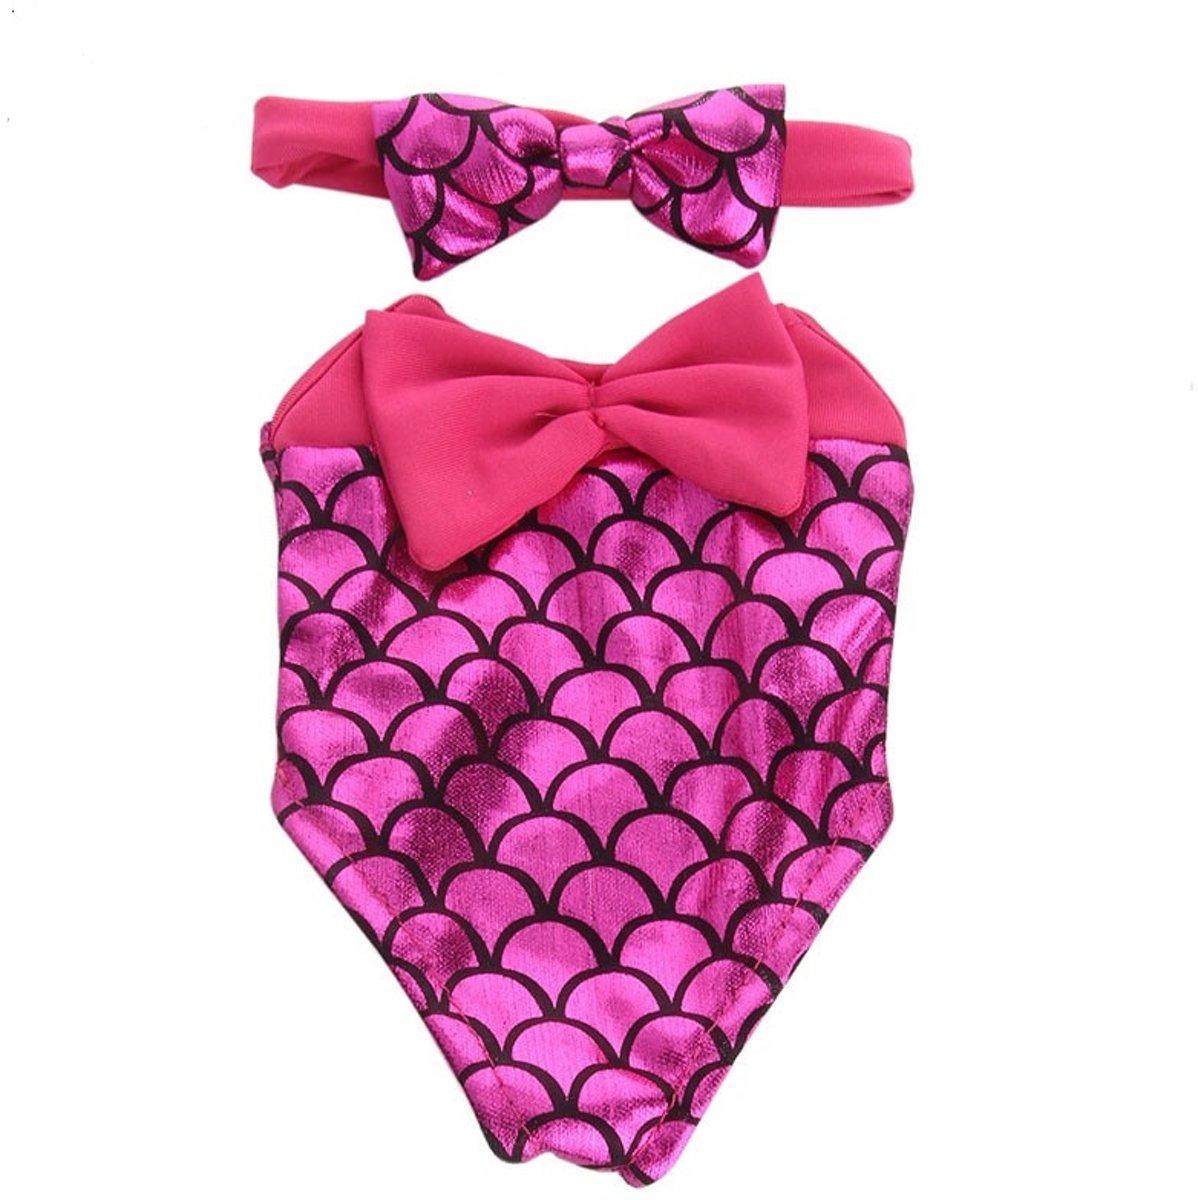 Roze Zeemeermin badpak voor poppen met een lengte van 40-45 cm zoals Baby Born pop.